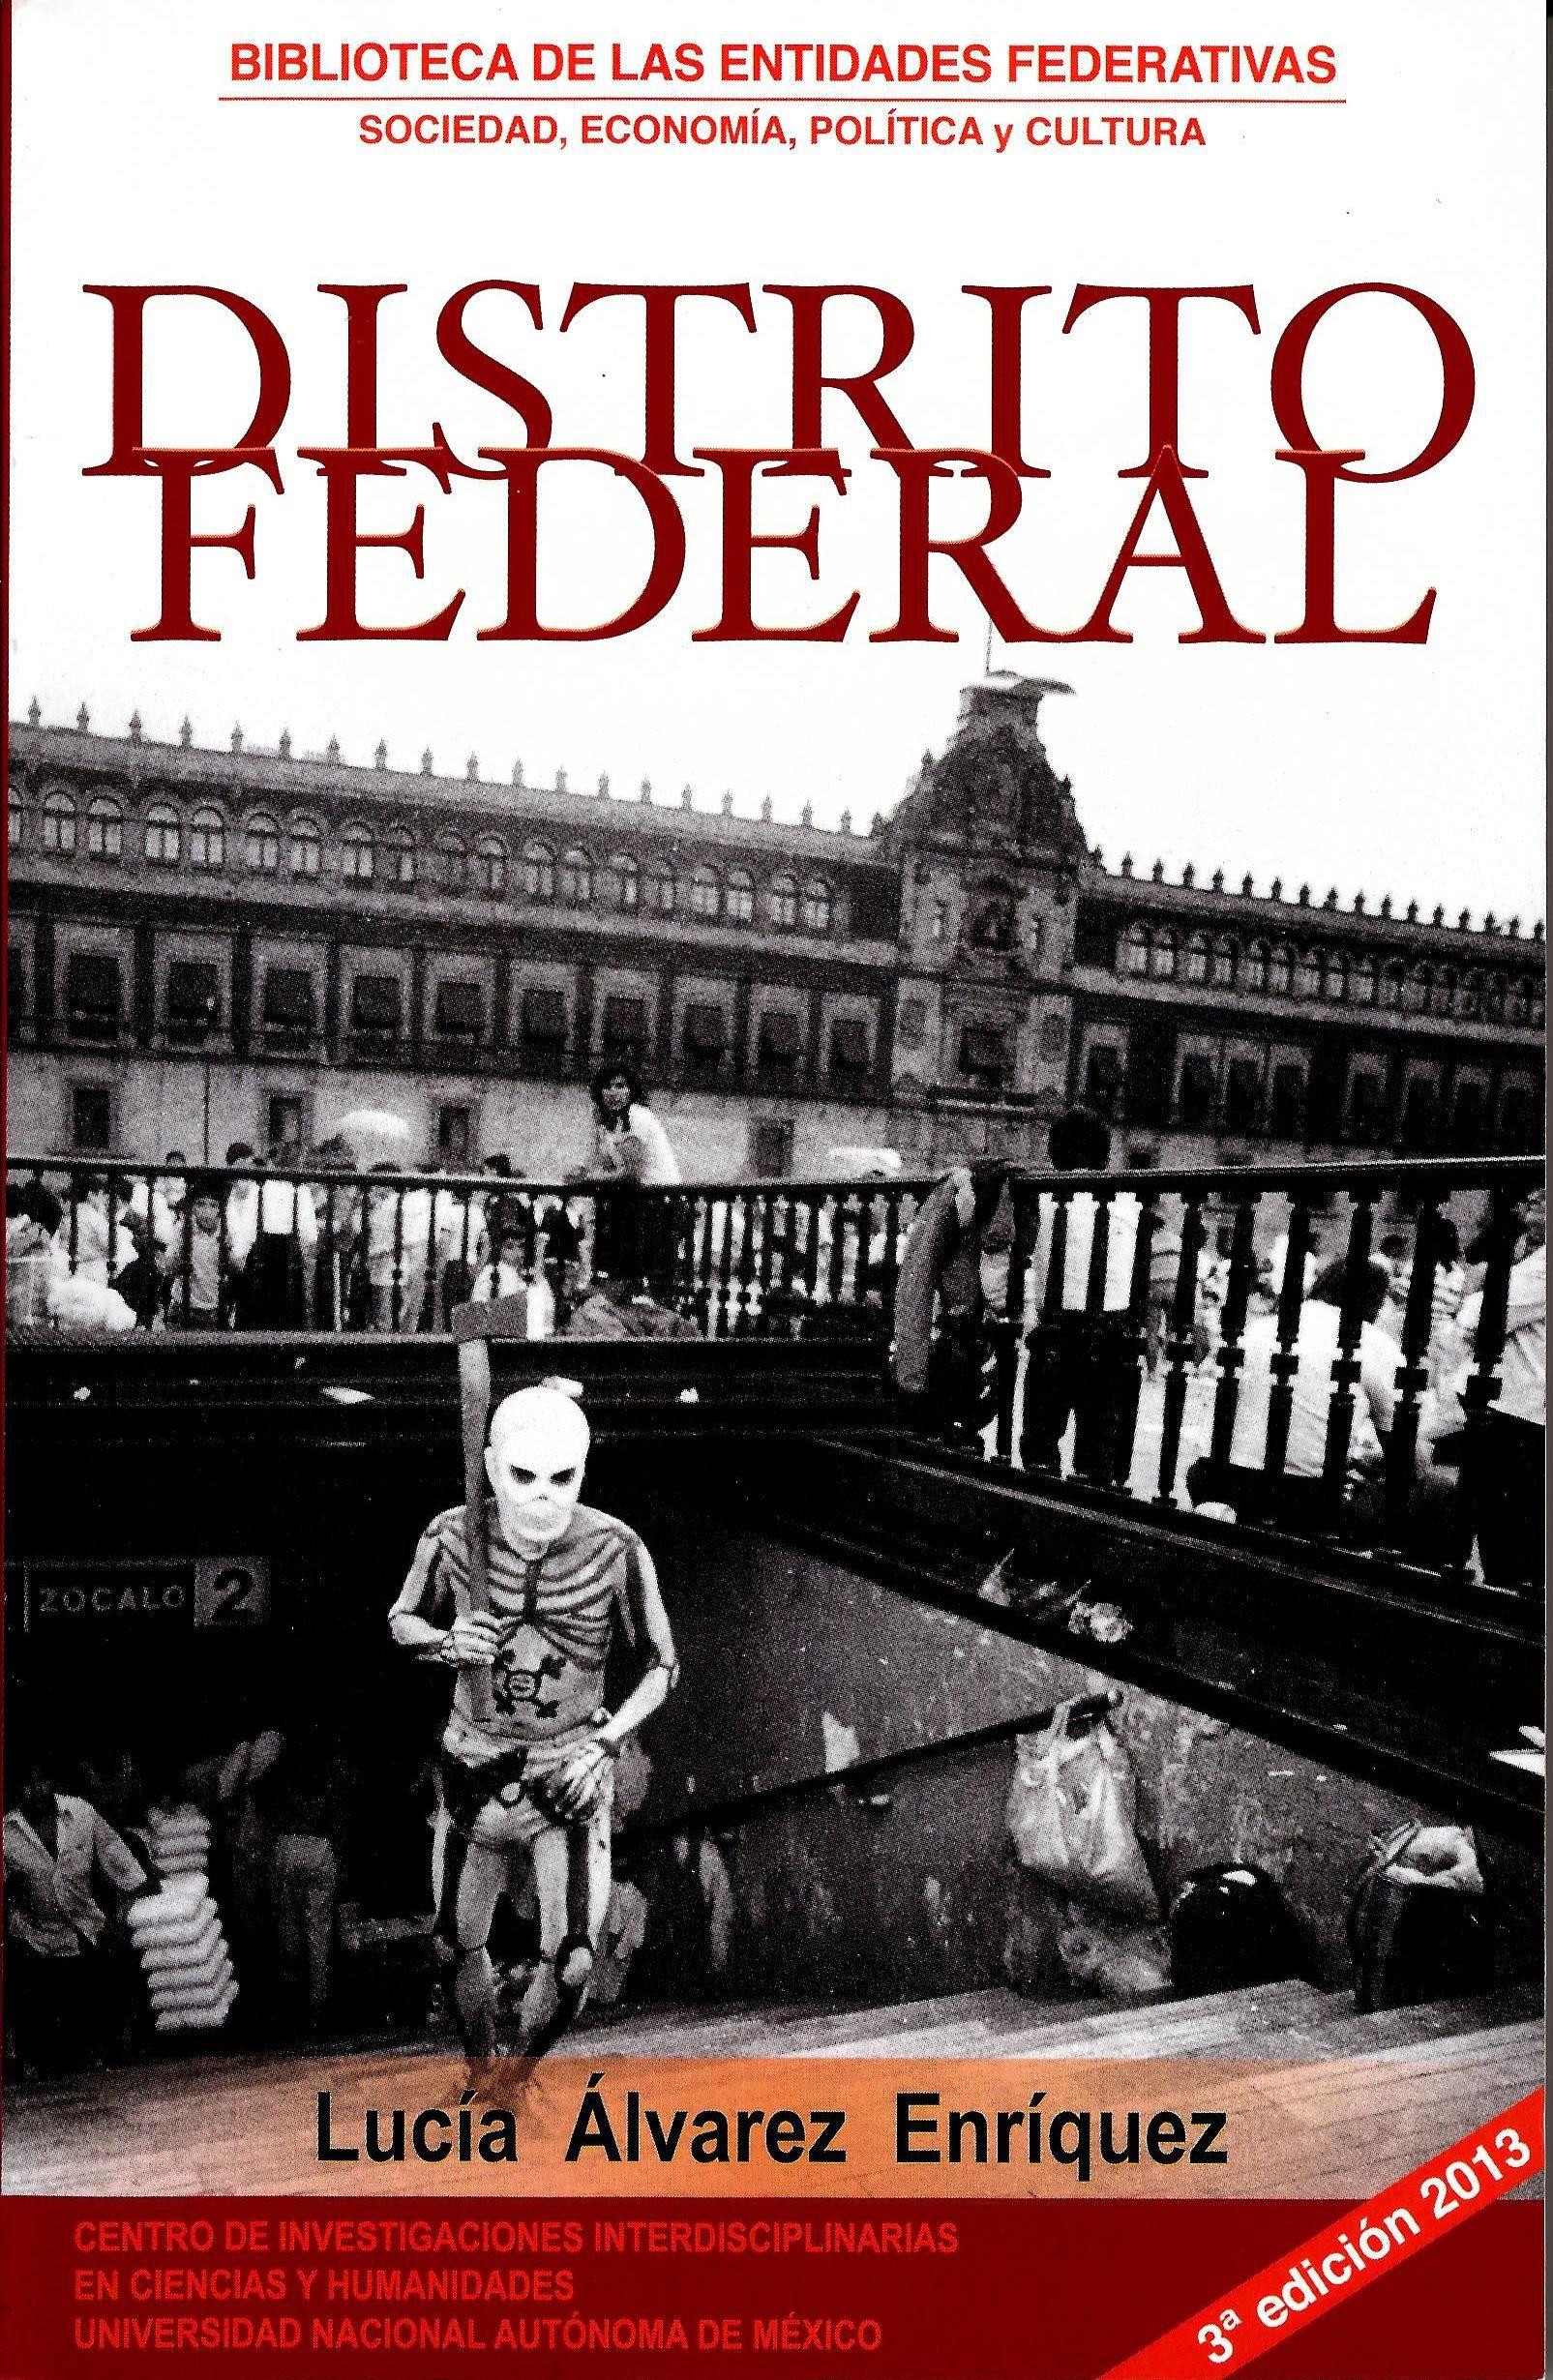 Distrito Federal. Sociedad, economía, política y cultura